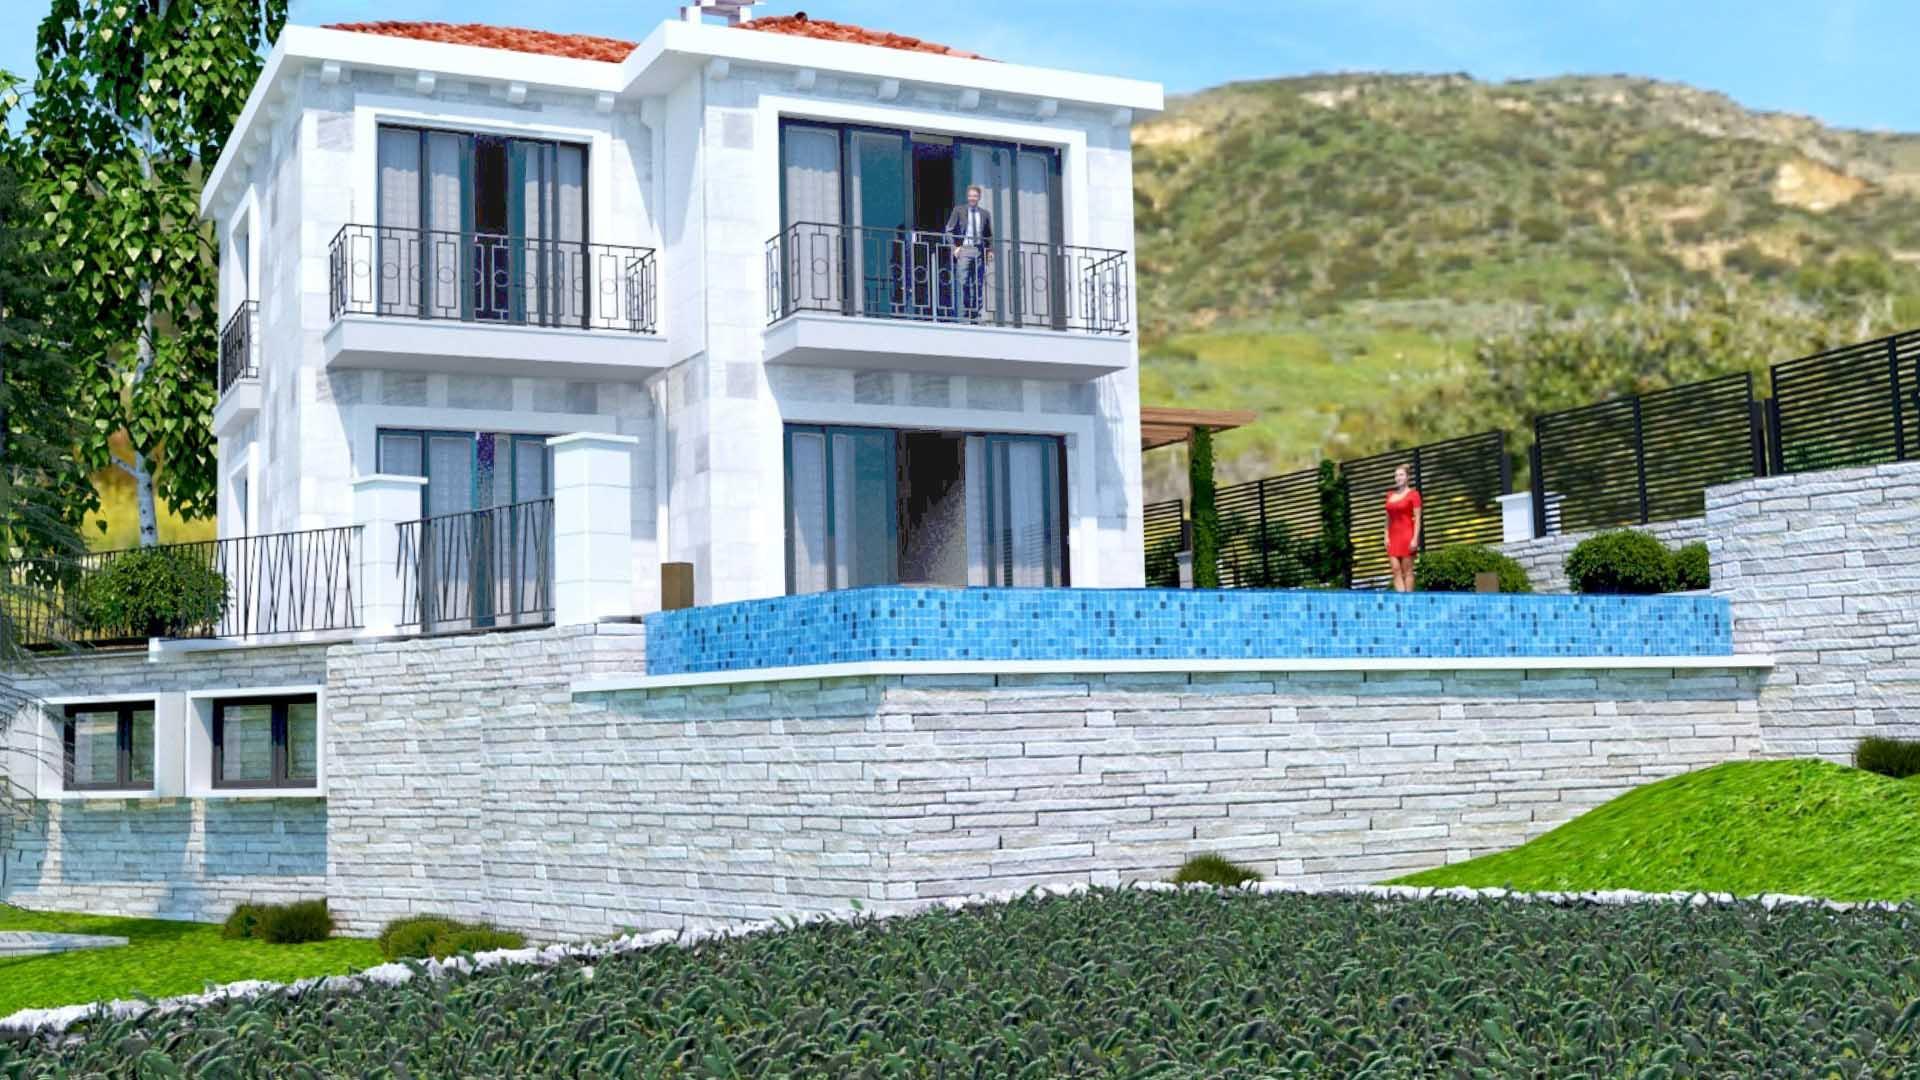 Budva, Perazica Do - new villa with a pool and sea views